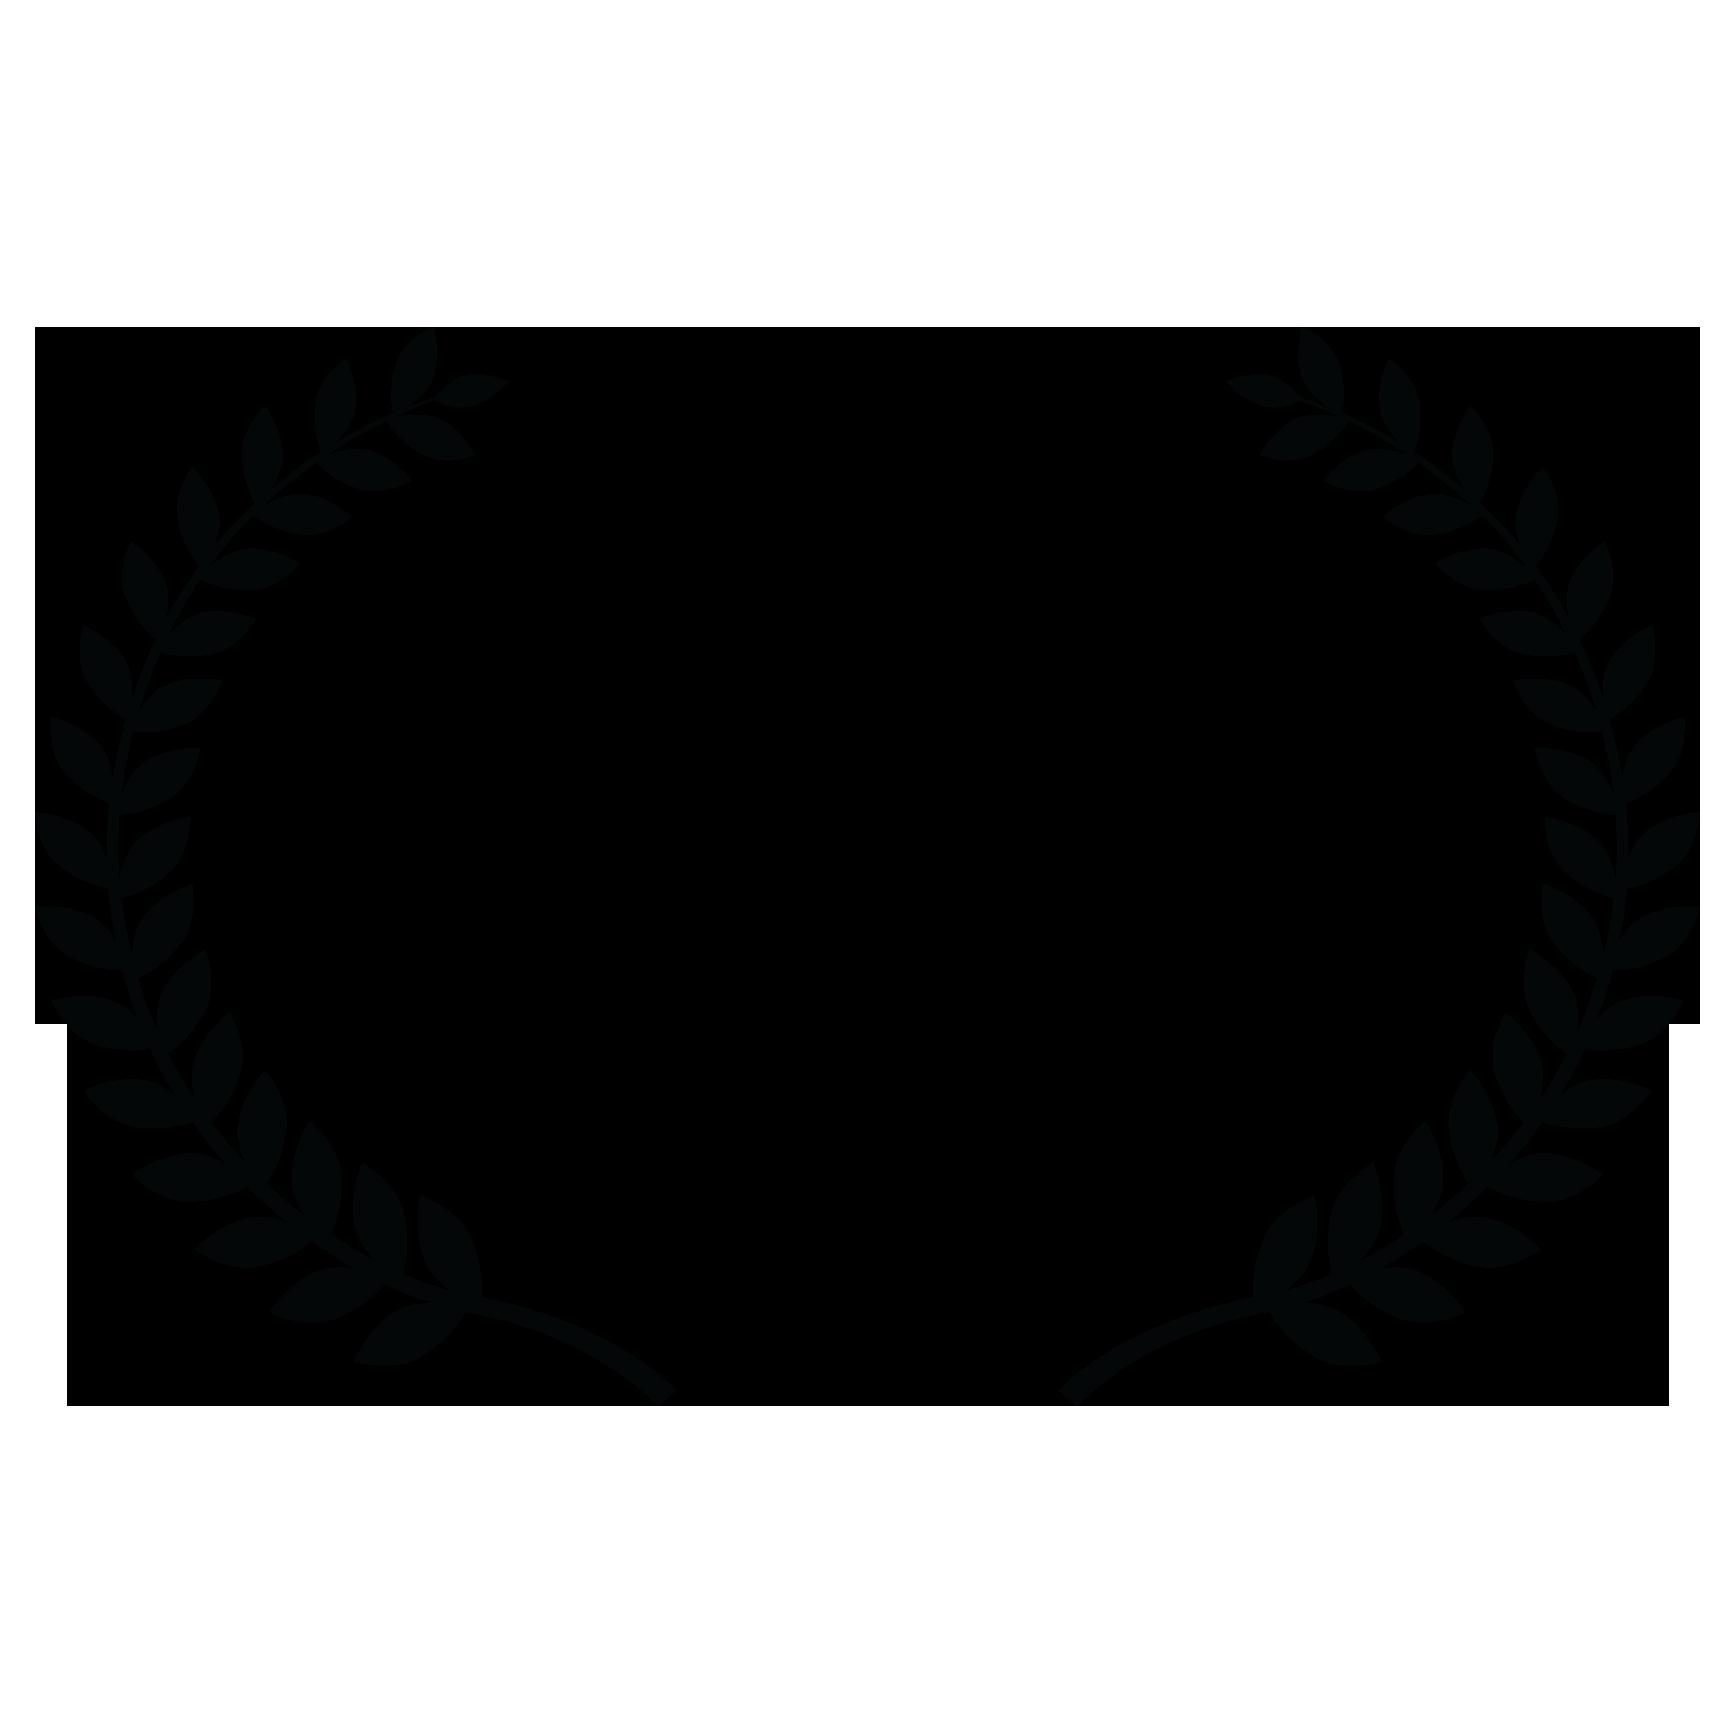 WINNER - ESTES PARK FILM FESTIVAL - AUDIENCE CHOICE (1).png